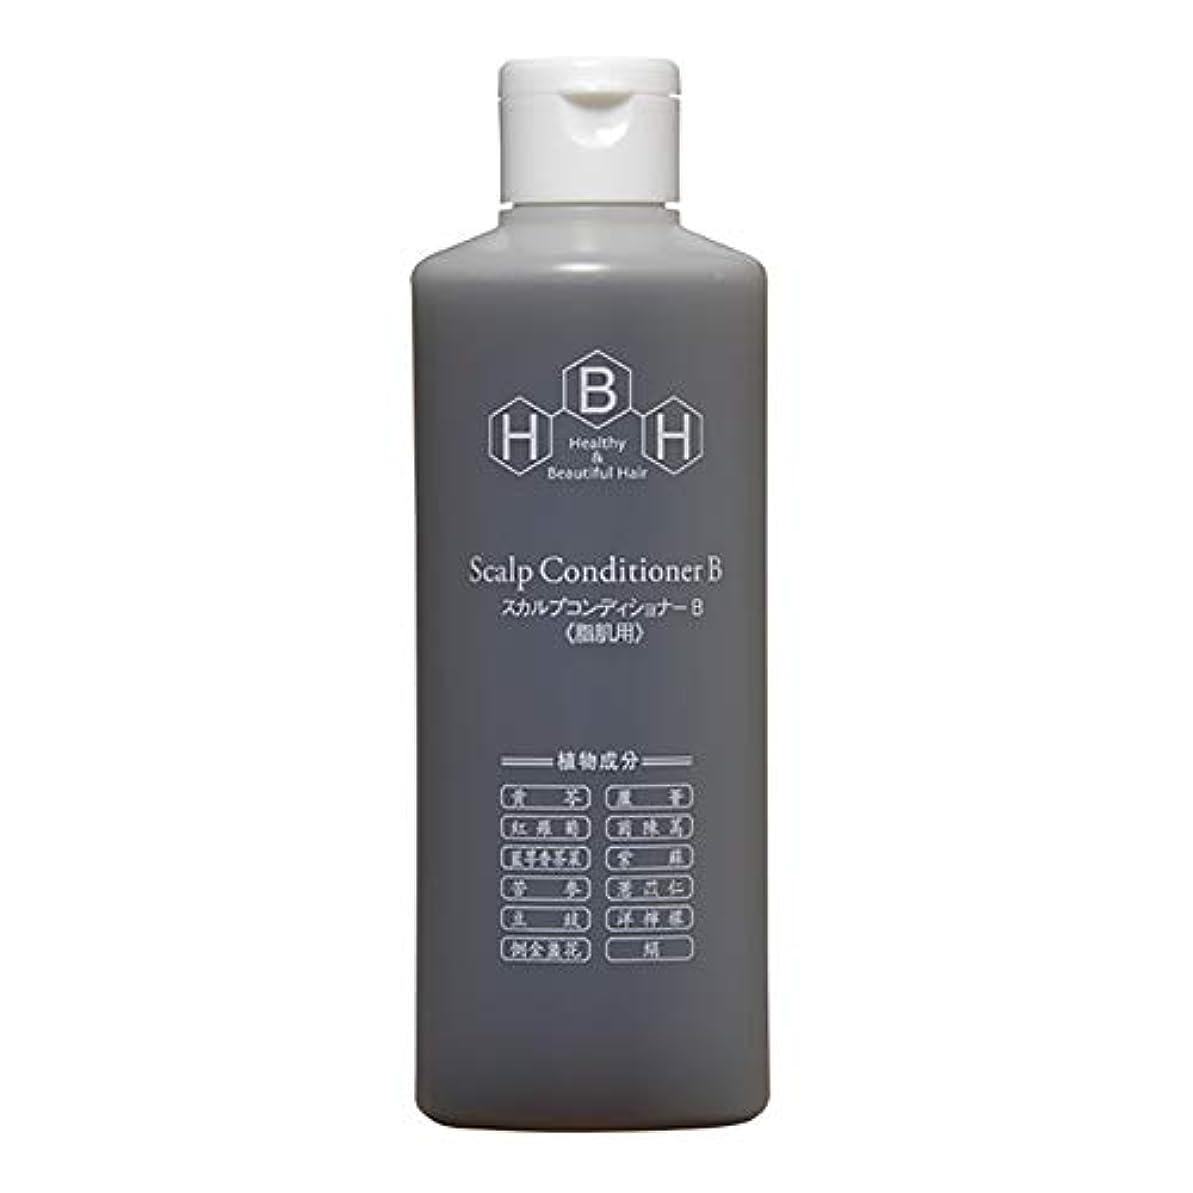 現れる眠いですリーチリーブ21 スカルプコンディショナーB 脂性肌用 300ml 育毛 コンディショナー 皮脂